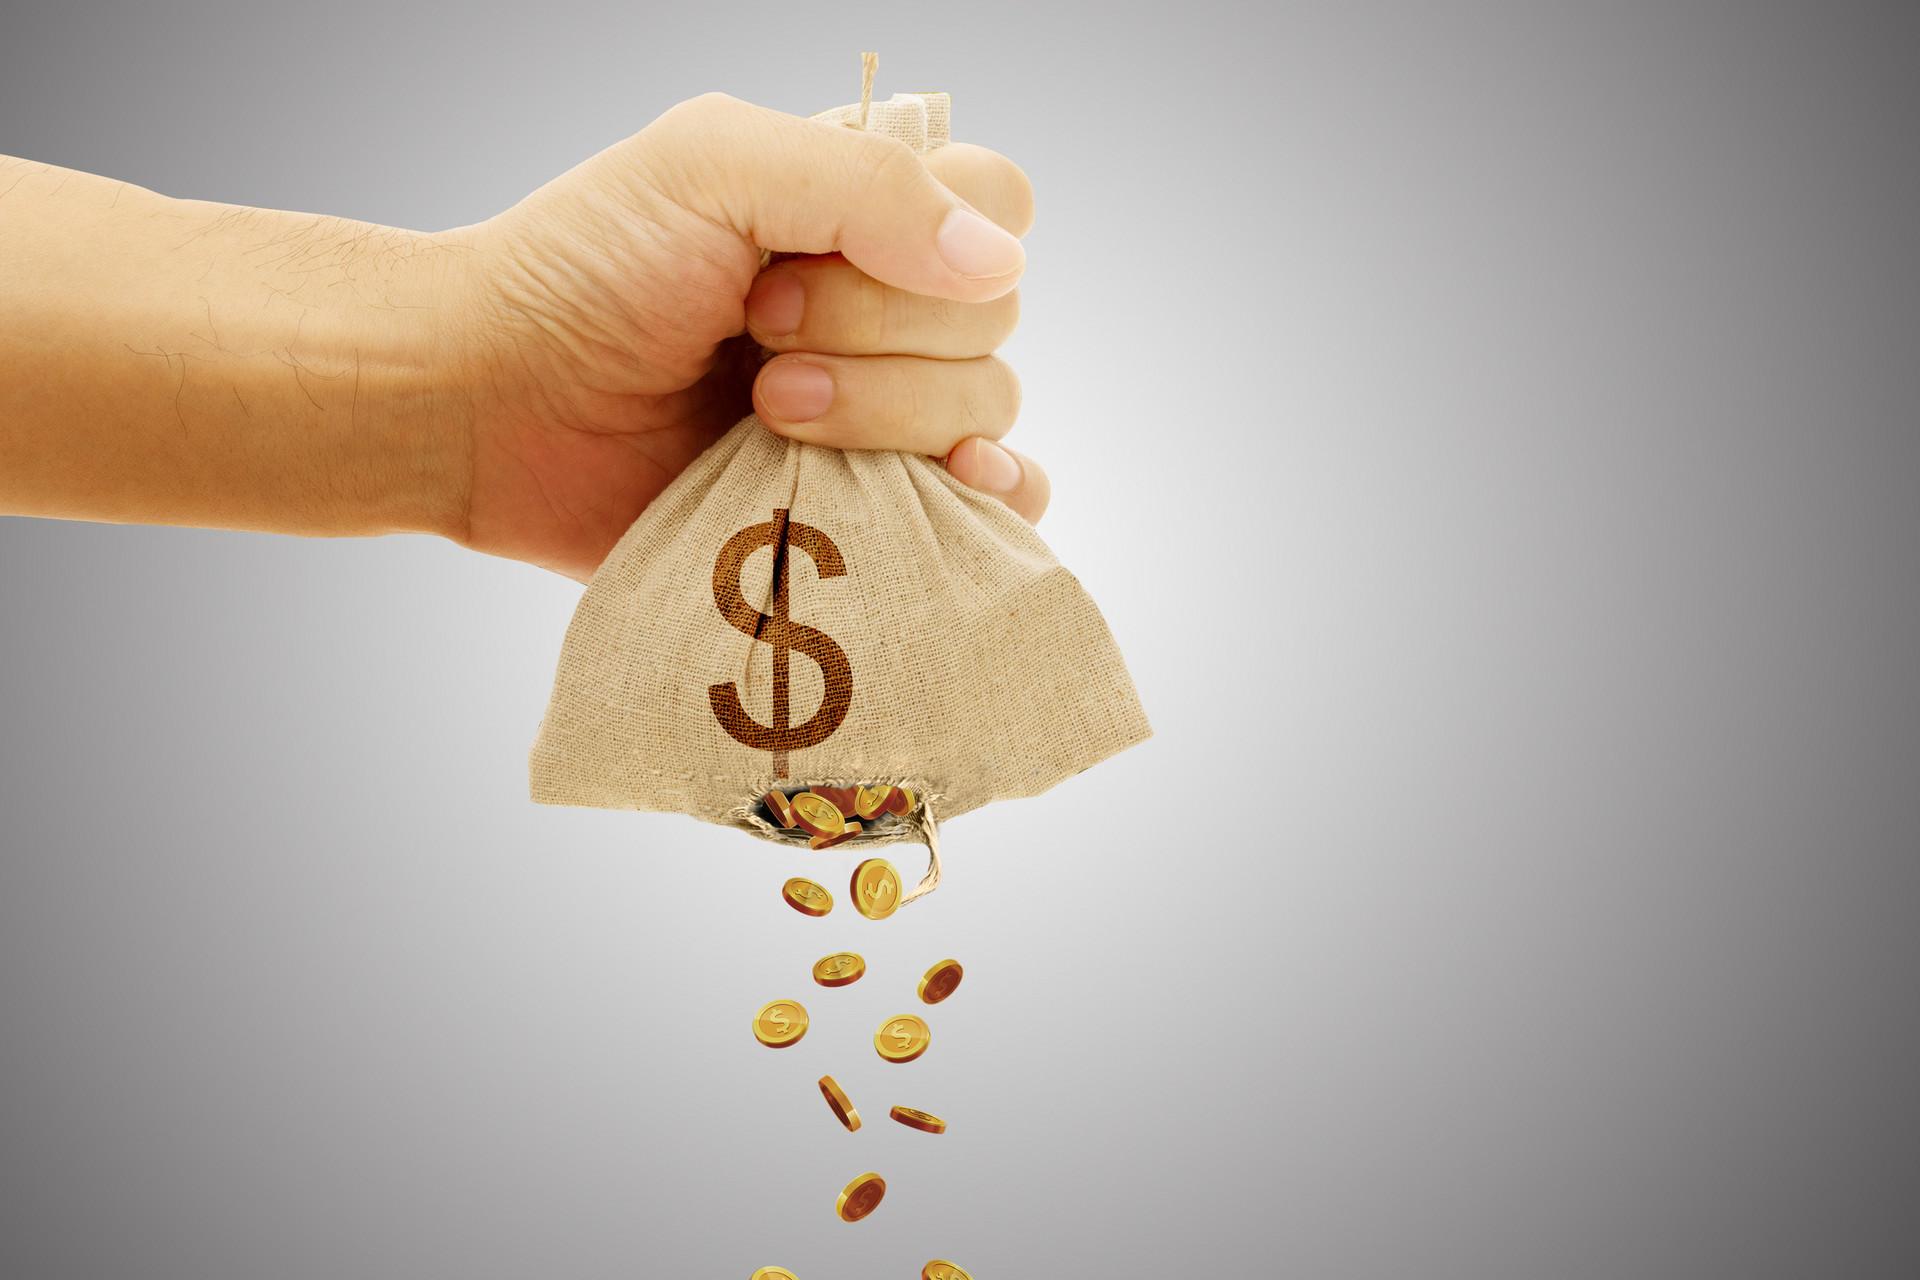 民間借貸利率紅線降到15.4%,這些公司將遭團滅!